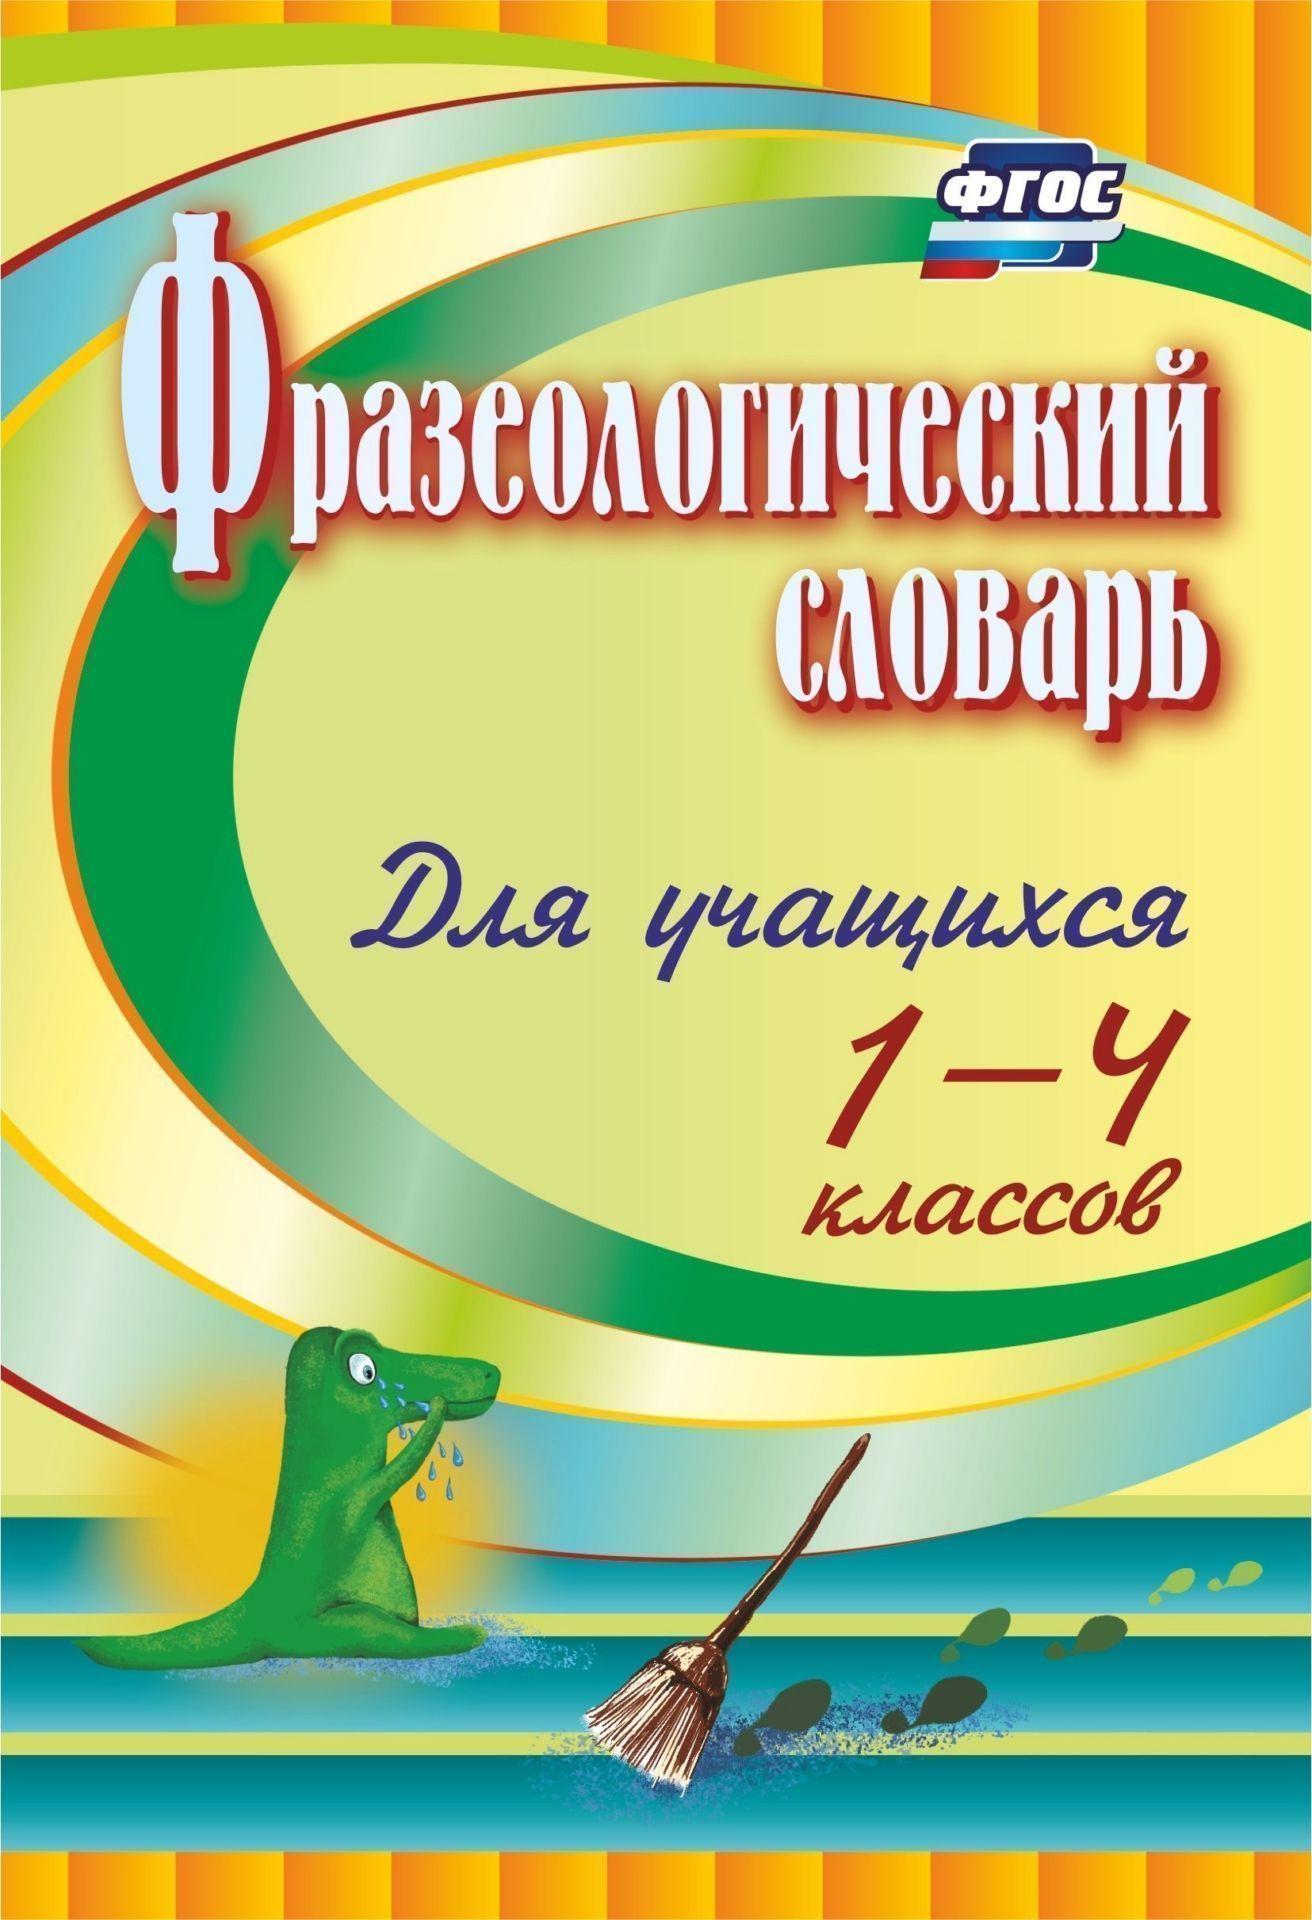 Фразеологический словарь. Пособие для учащихся 1-4 классов. Программа для установки через Интернет